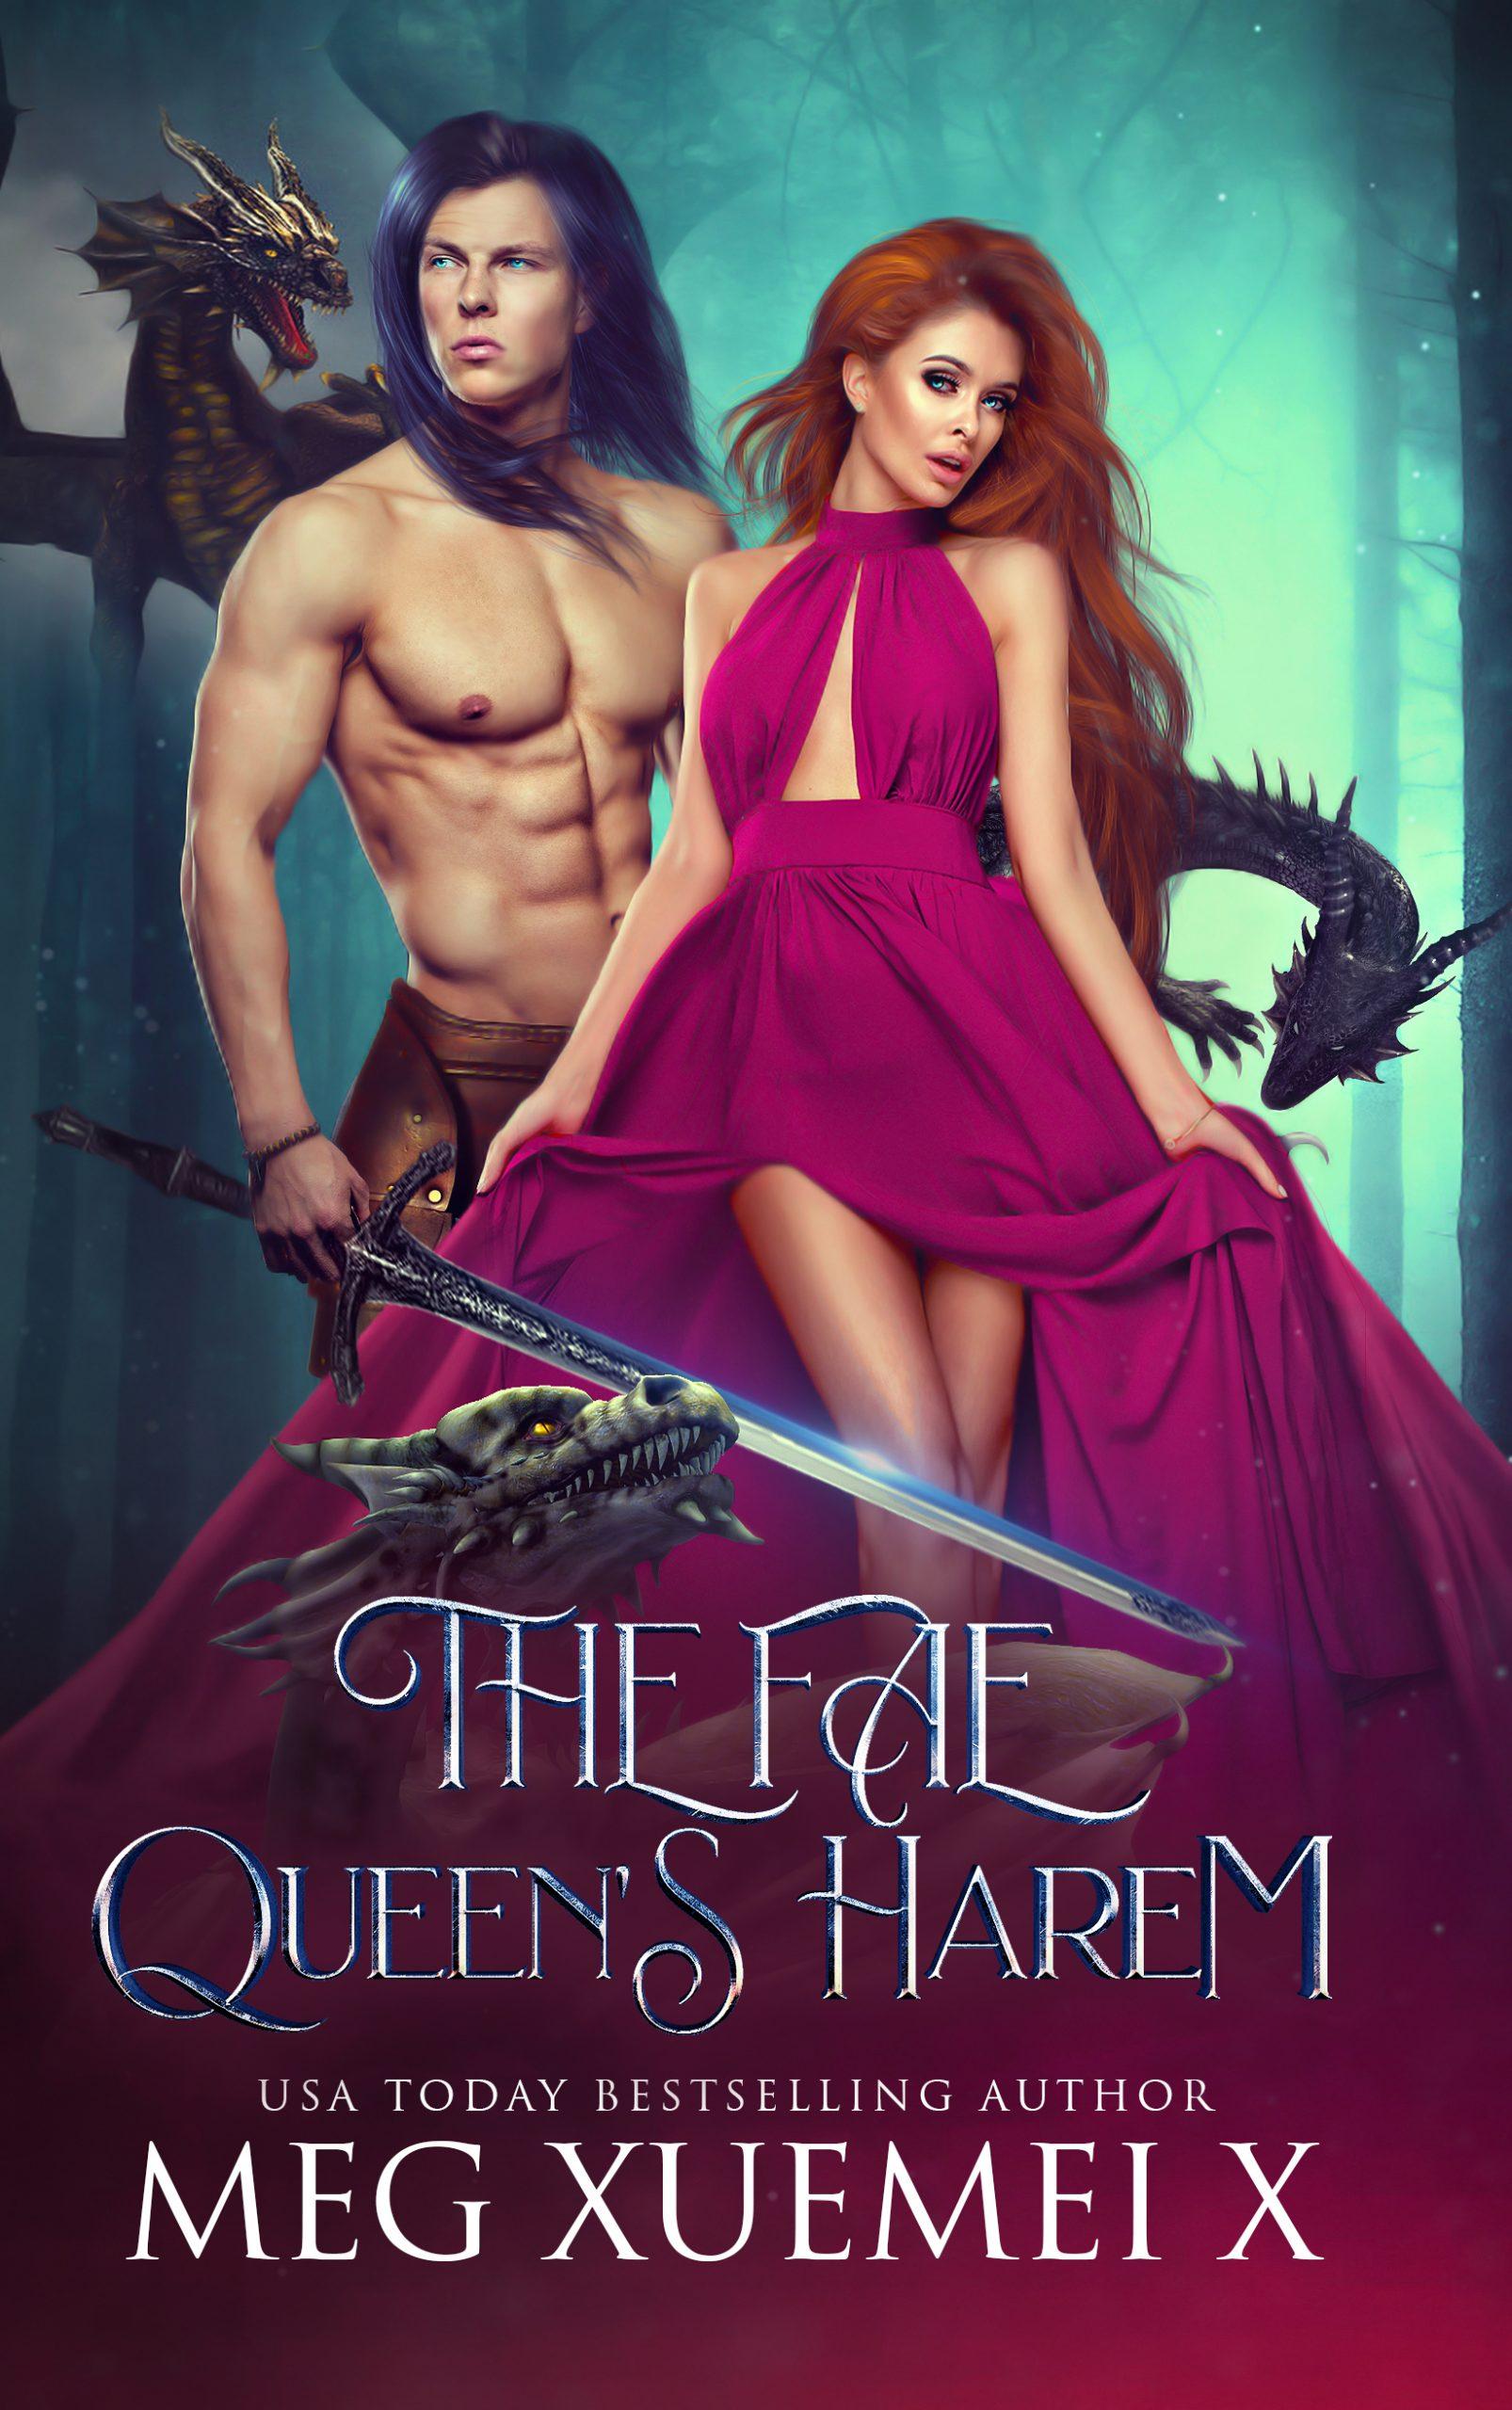 The Fey Queen's Harem33